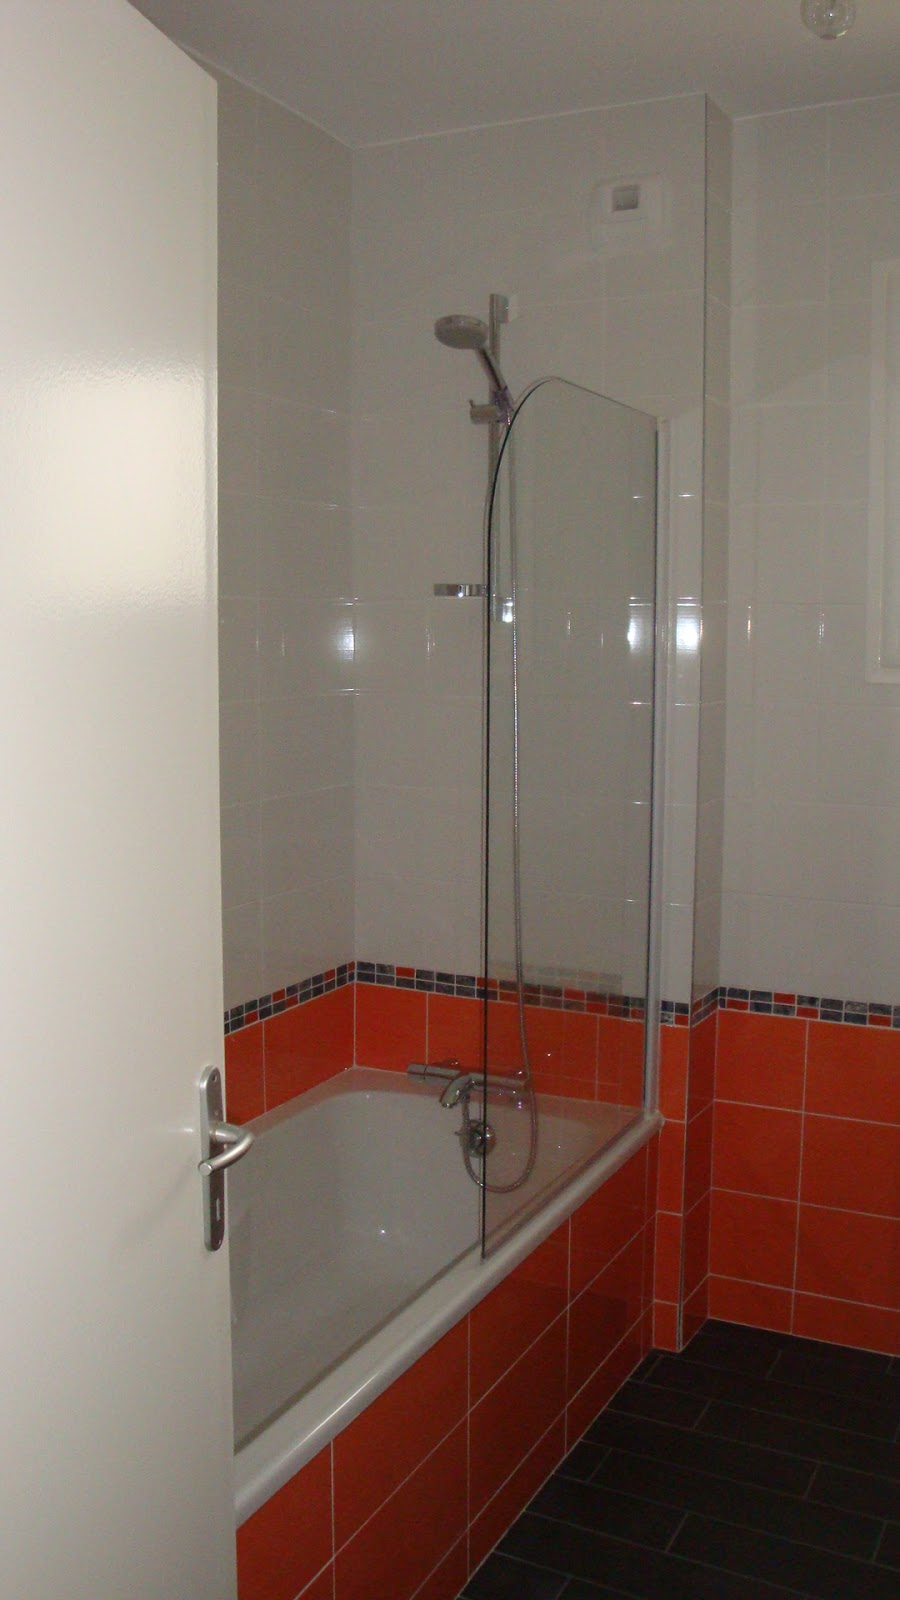 Michel le coz agencement d coration salle de bain orange - Decoration salle de bain orange ...